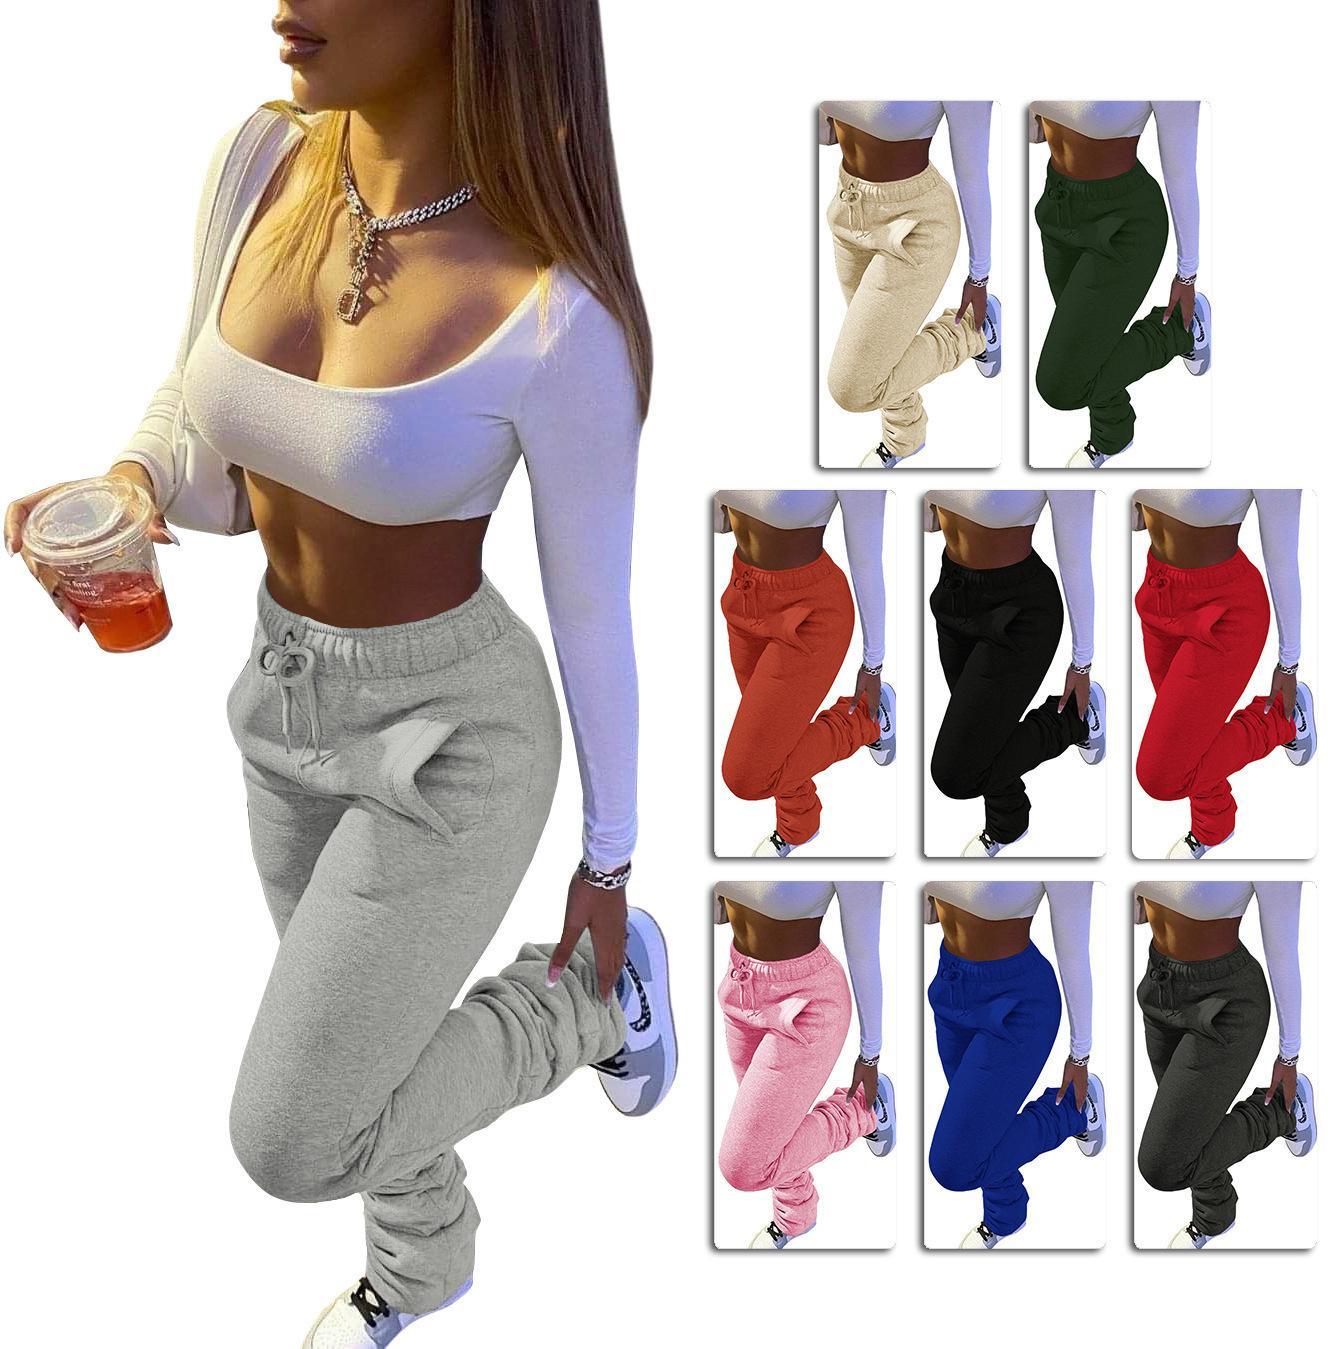 여성 바지 솔리드 컬러 트랙스 무거운 스웨터 패브릭 스포츠 캐주얼 Drawstring 스택 바지 주머니와 패션 레깅스